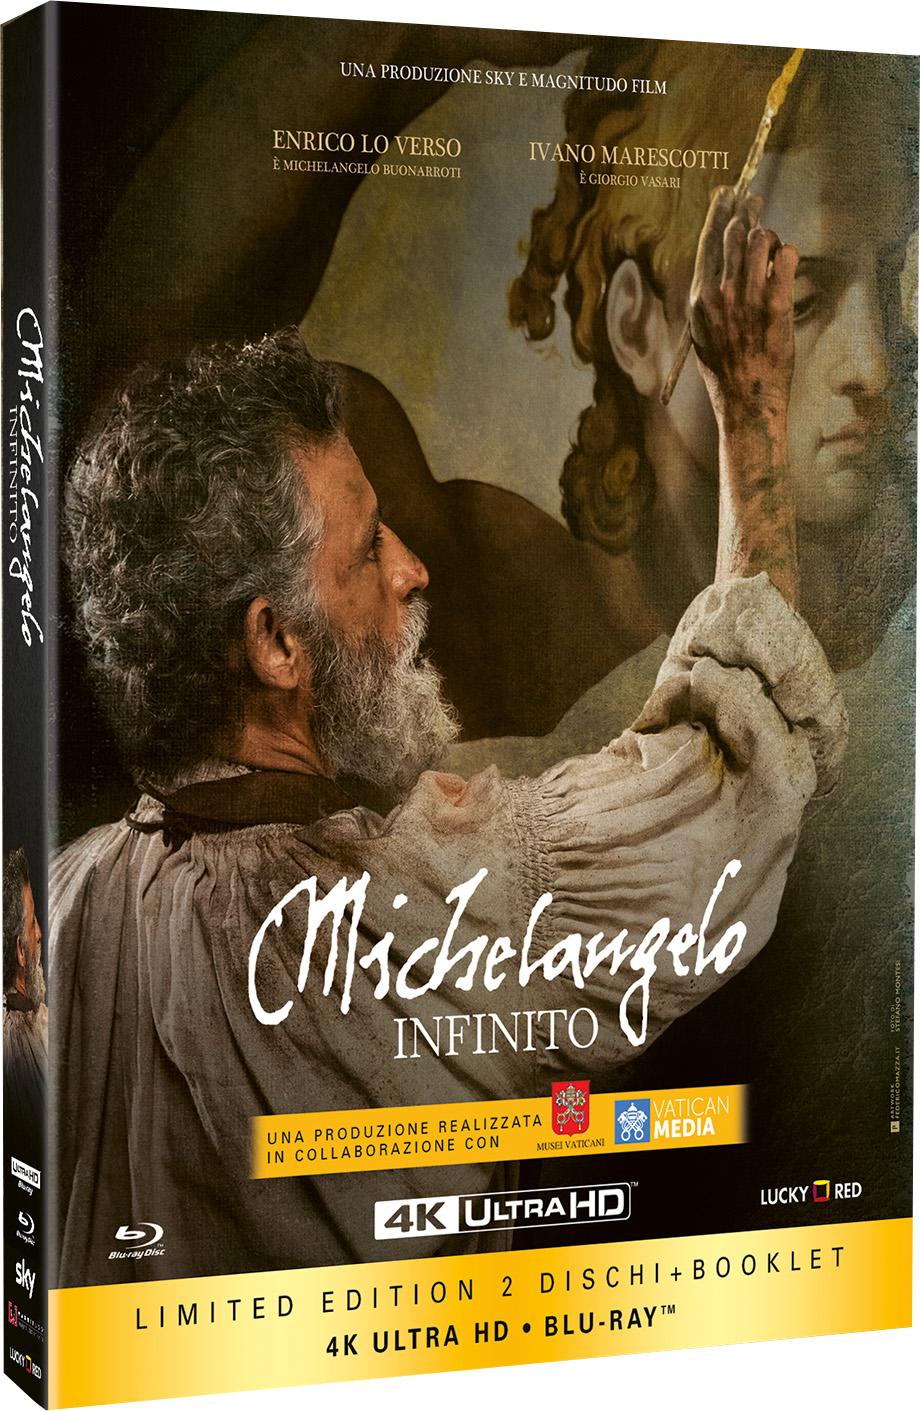 La cover della limited edition di Michelangelo - Infinito